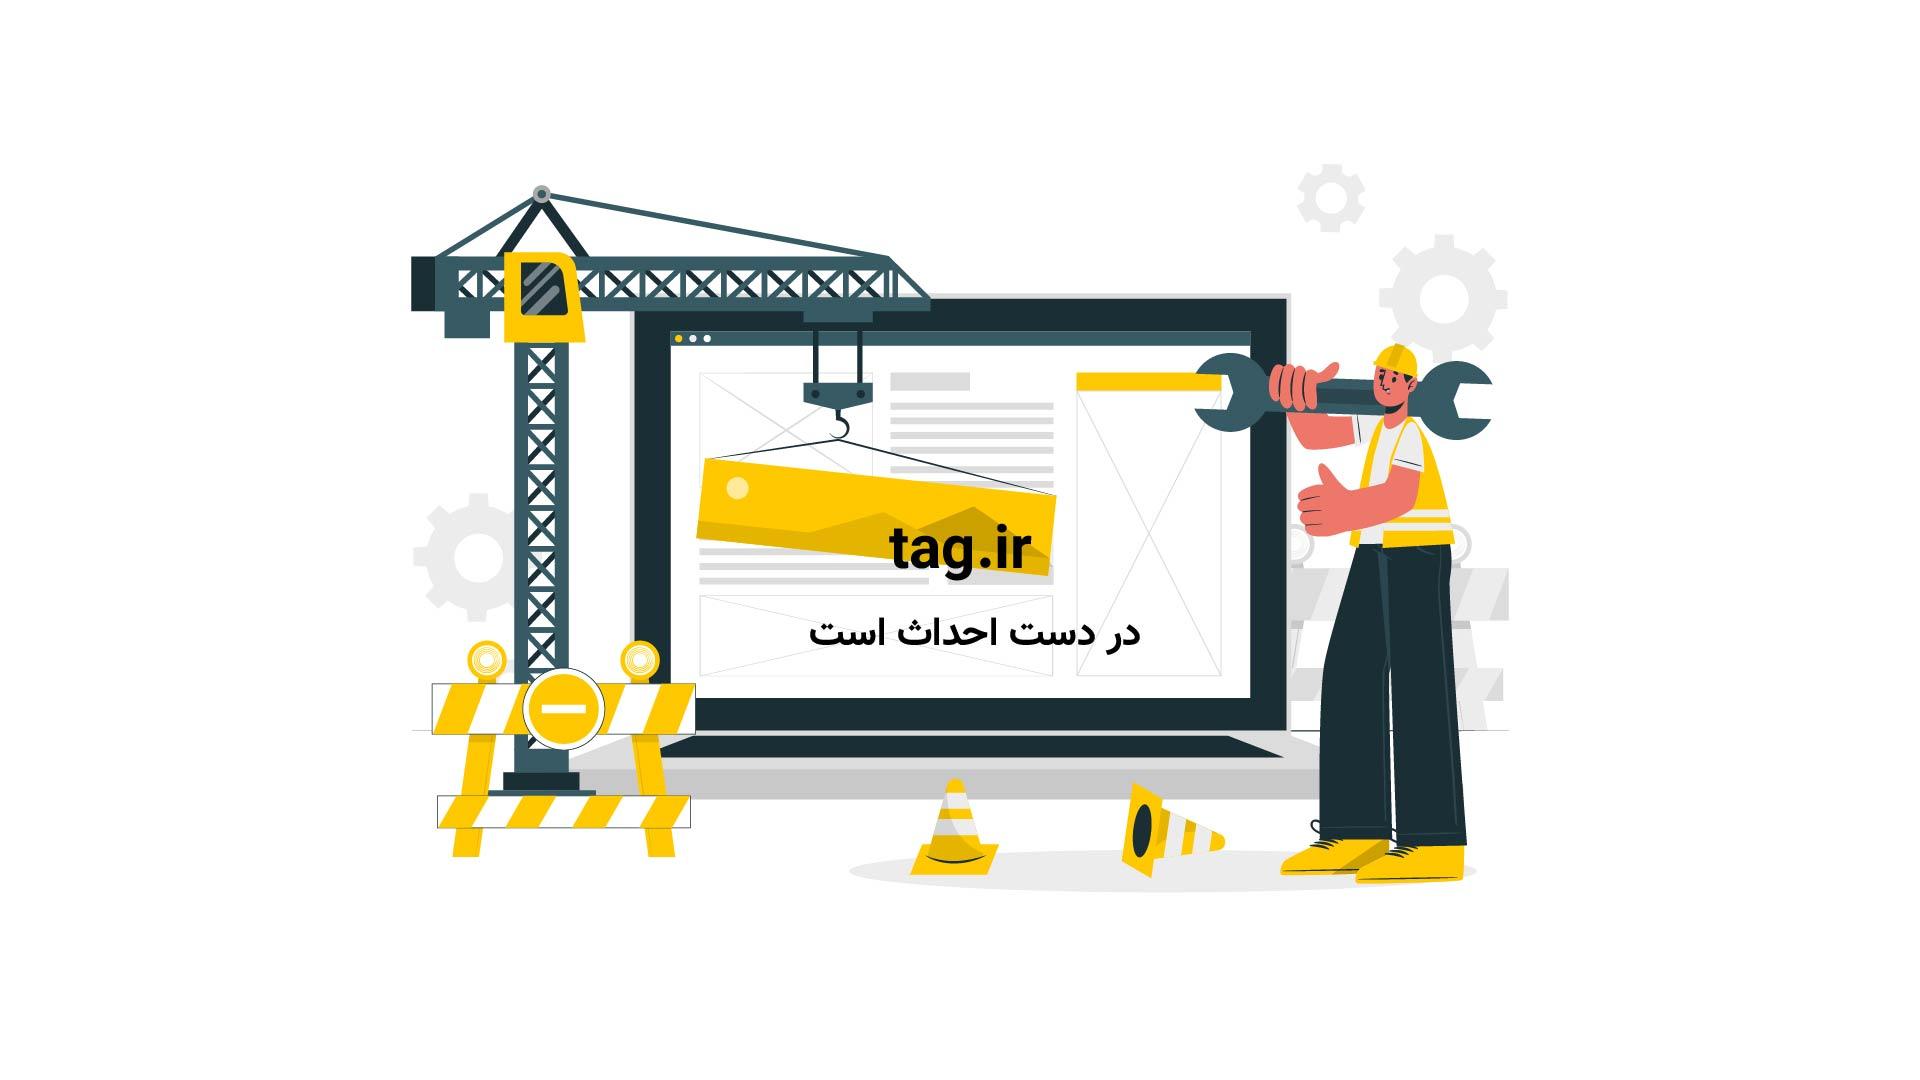 مسابقه وزن 65 کیلوگرم ووشو از لیگ حرفه ای چین | فیلم